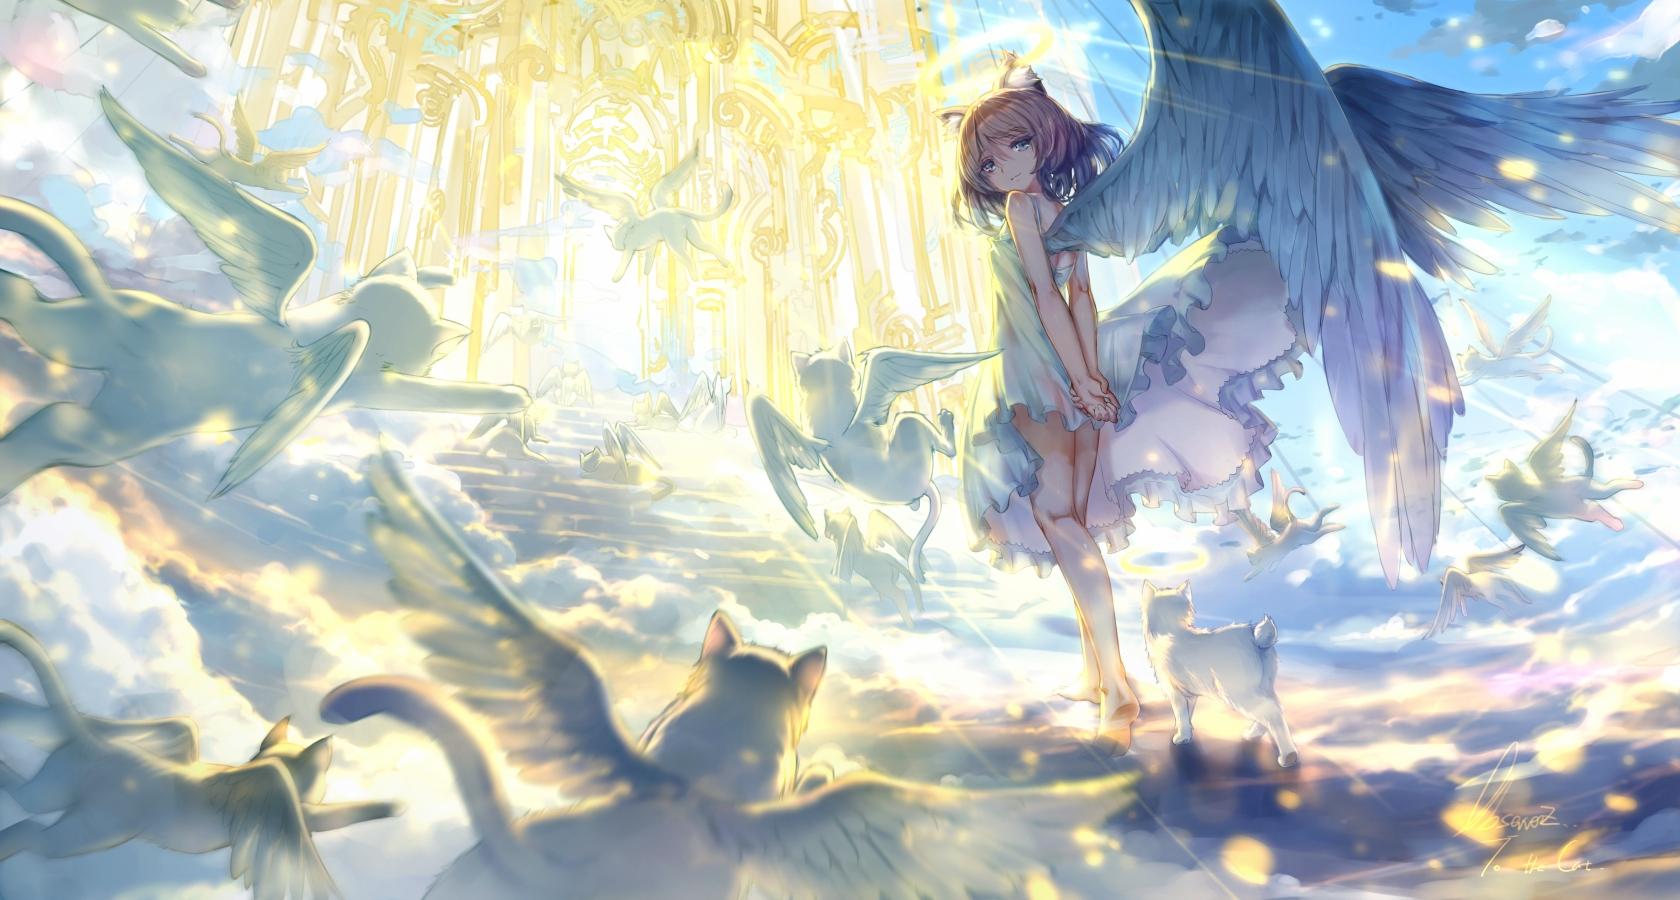 Anime girl angel wings heaven stairs light dress anime 1894 jpg